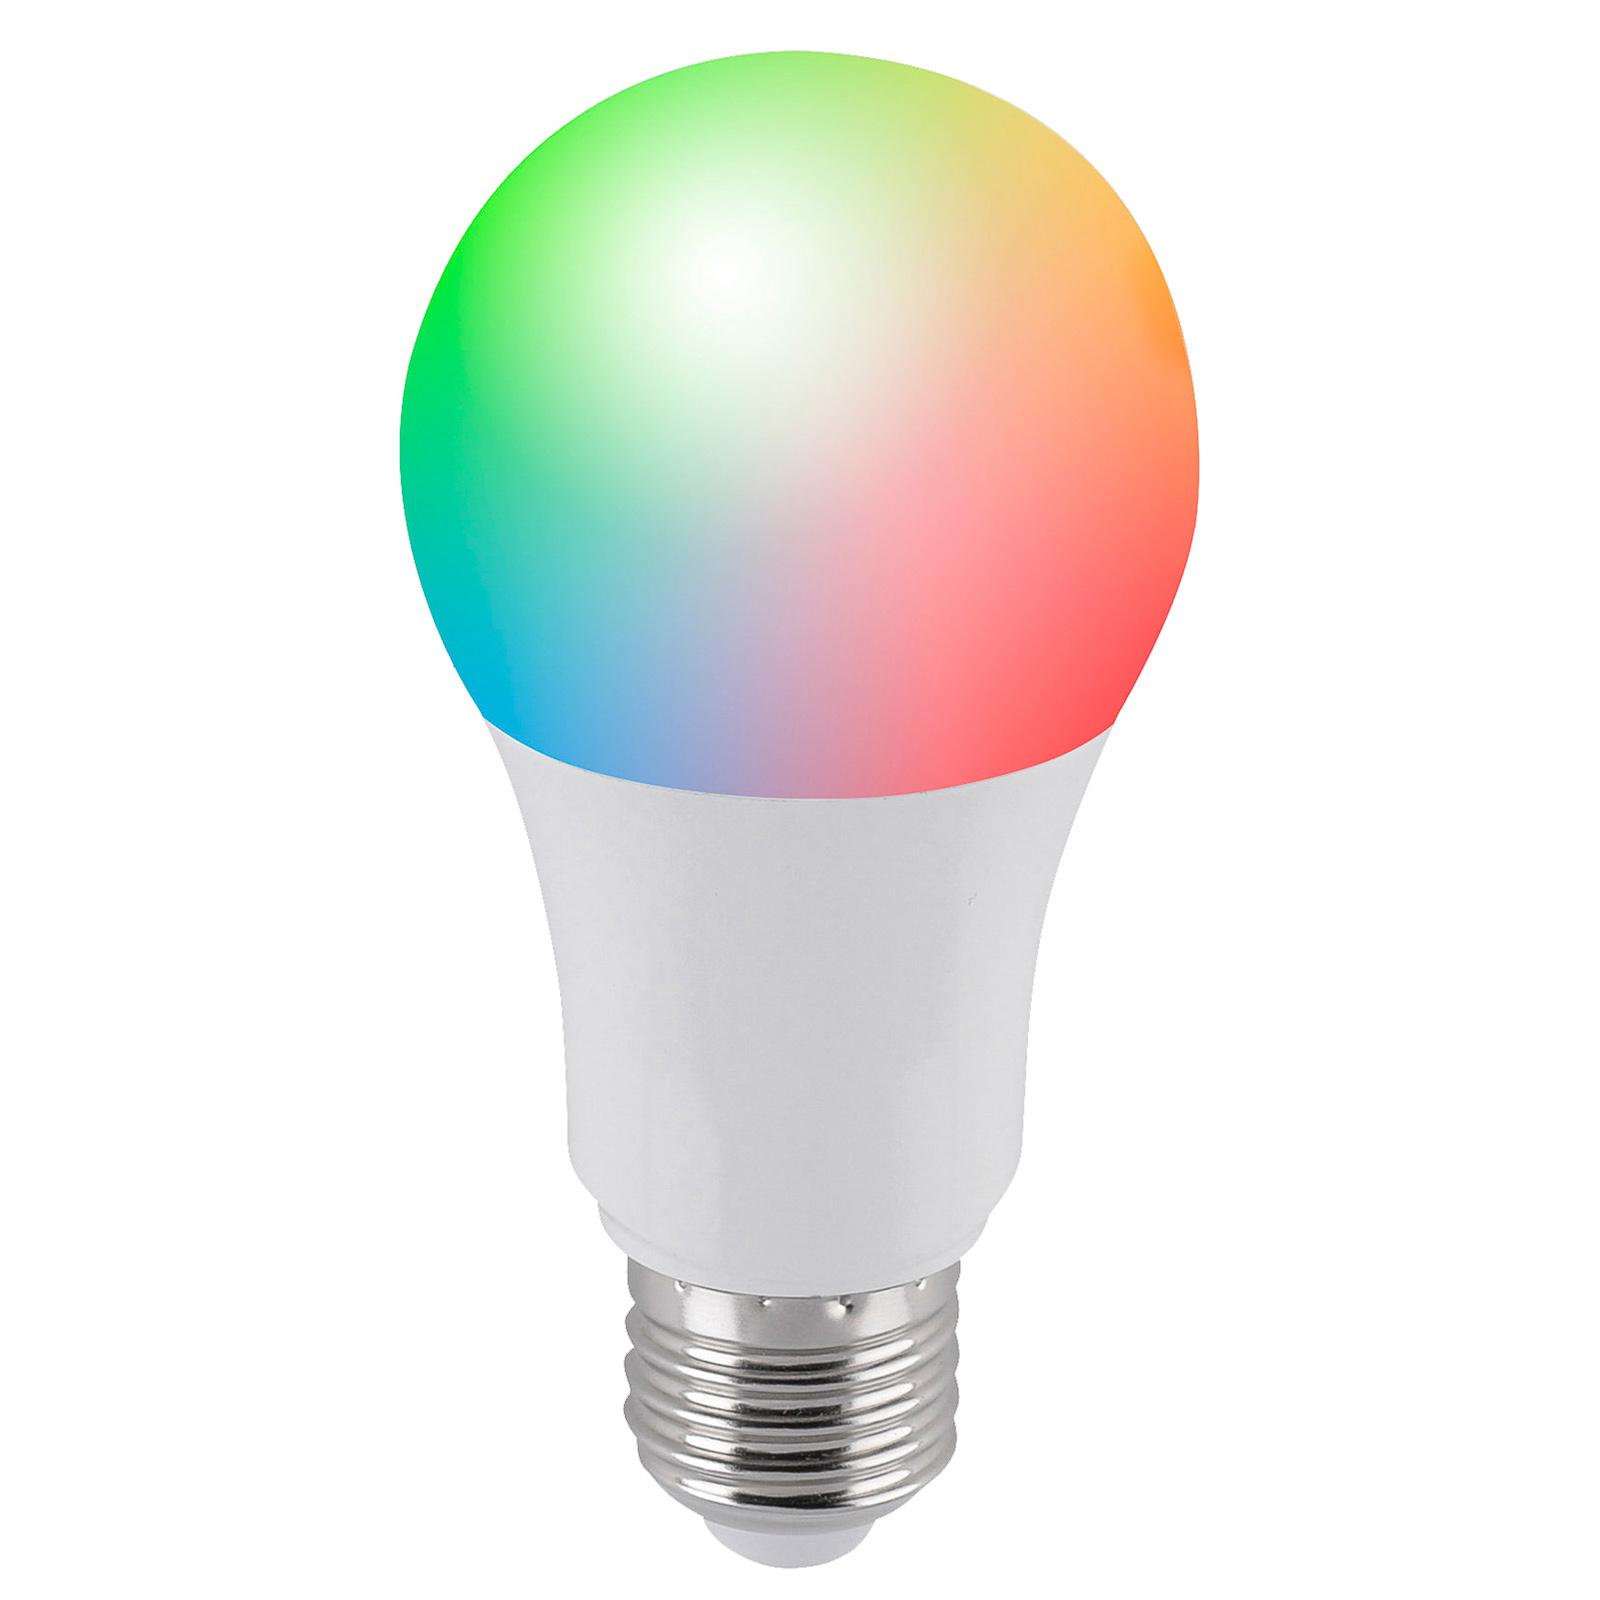 Inteligentna żarówka Q-LED E27 9,5W, RGBW